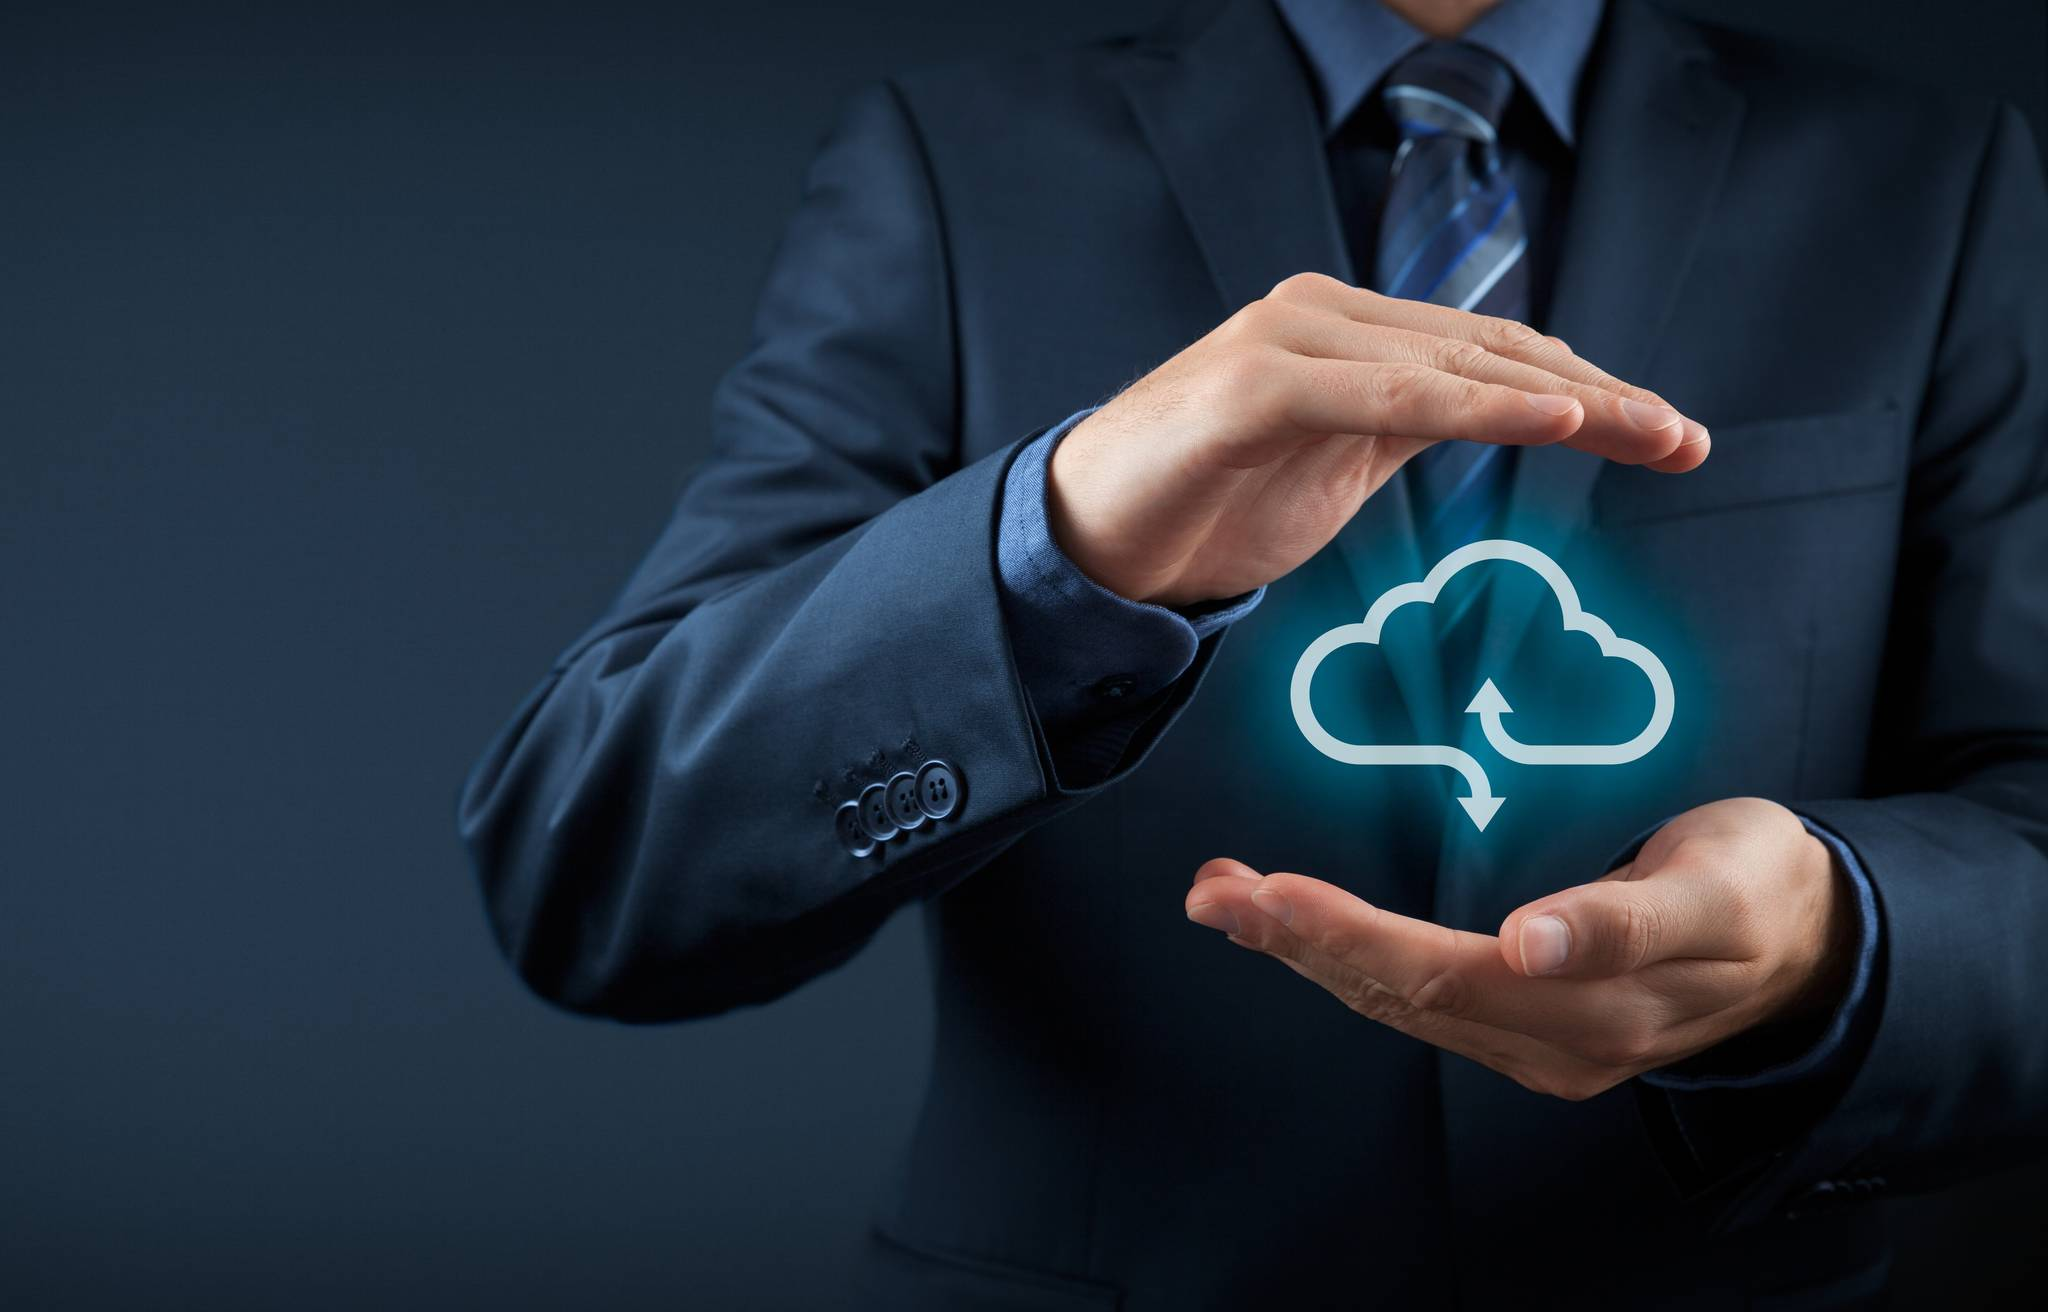 IaaS, PaaS, SaaS, BPaaS: Do you speak cloud?